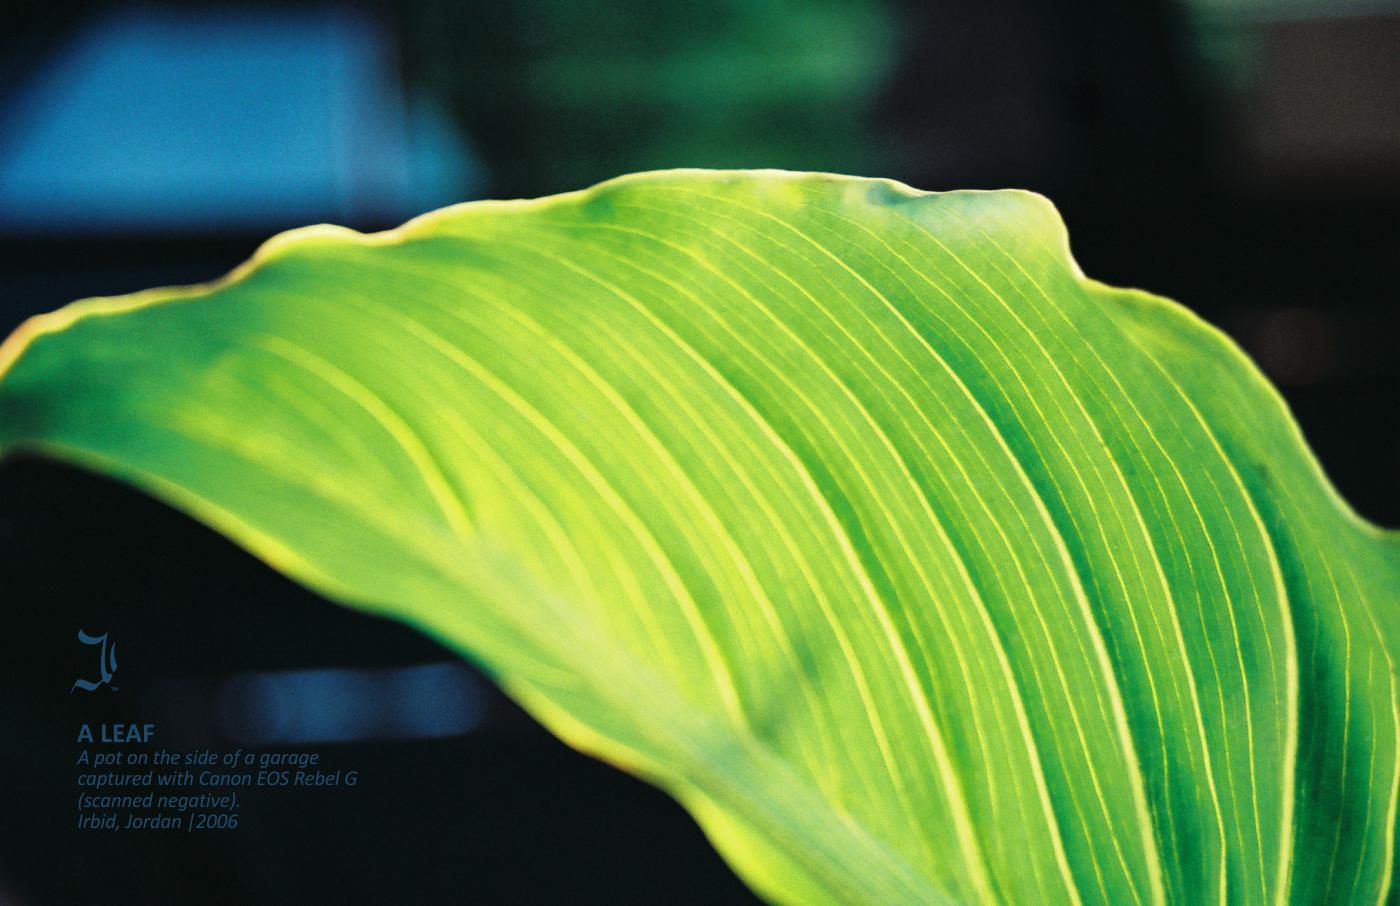 ahmad-ajlouny-a-leaf